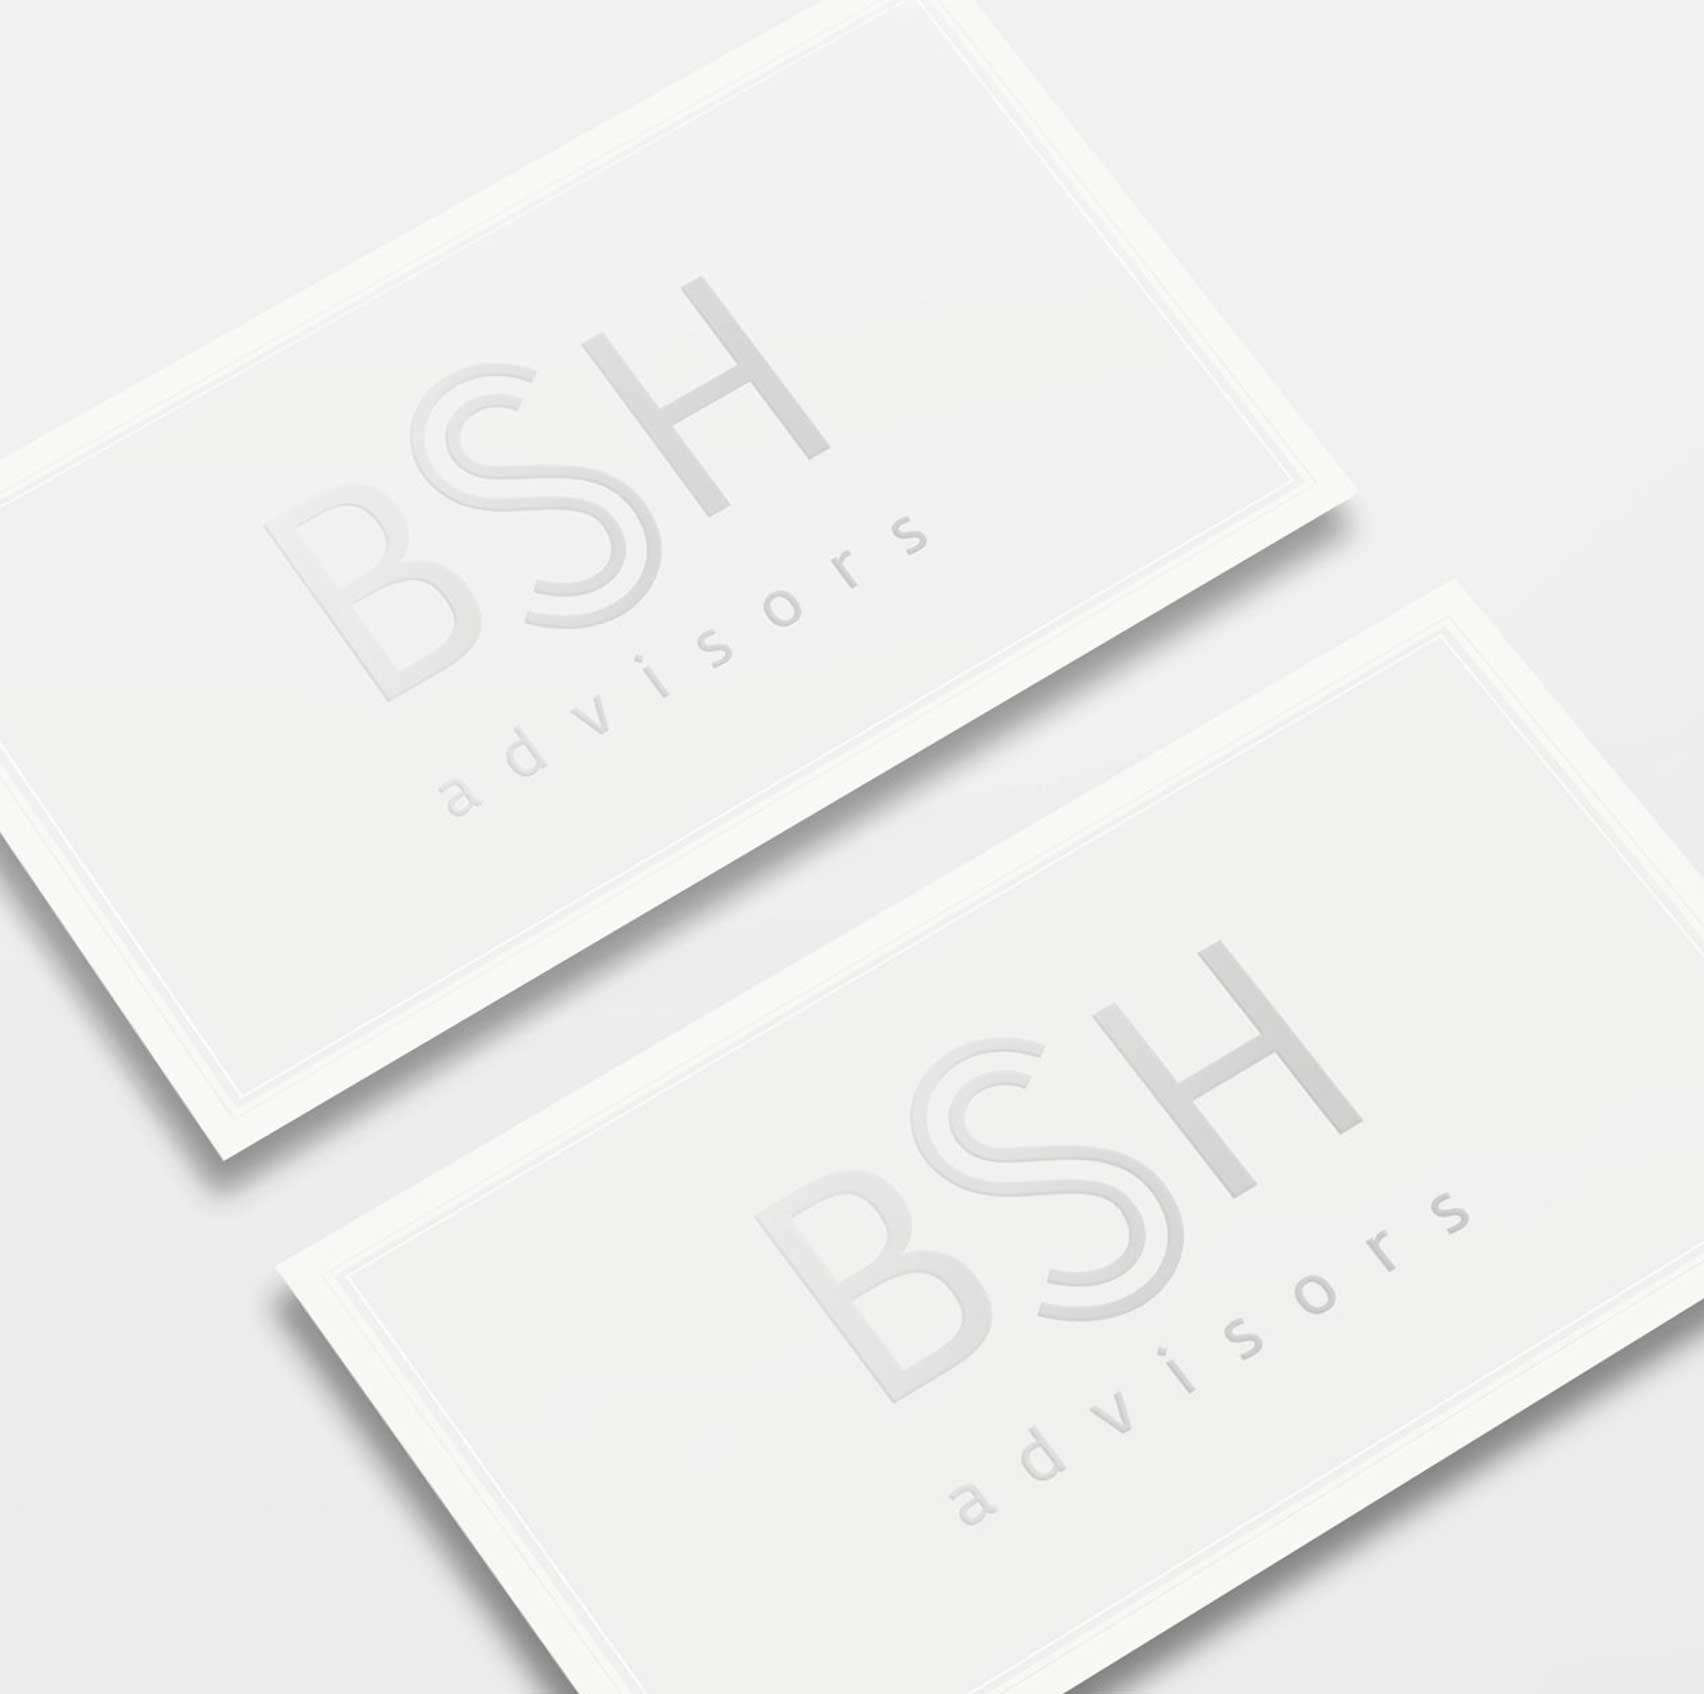 True-Creative-Agency-Grafikdesign-BSH-advisors